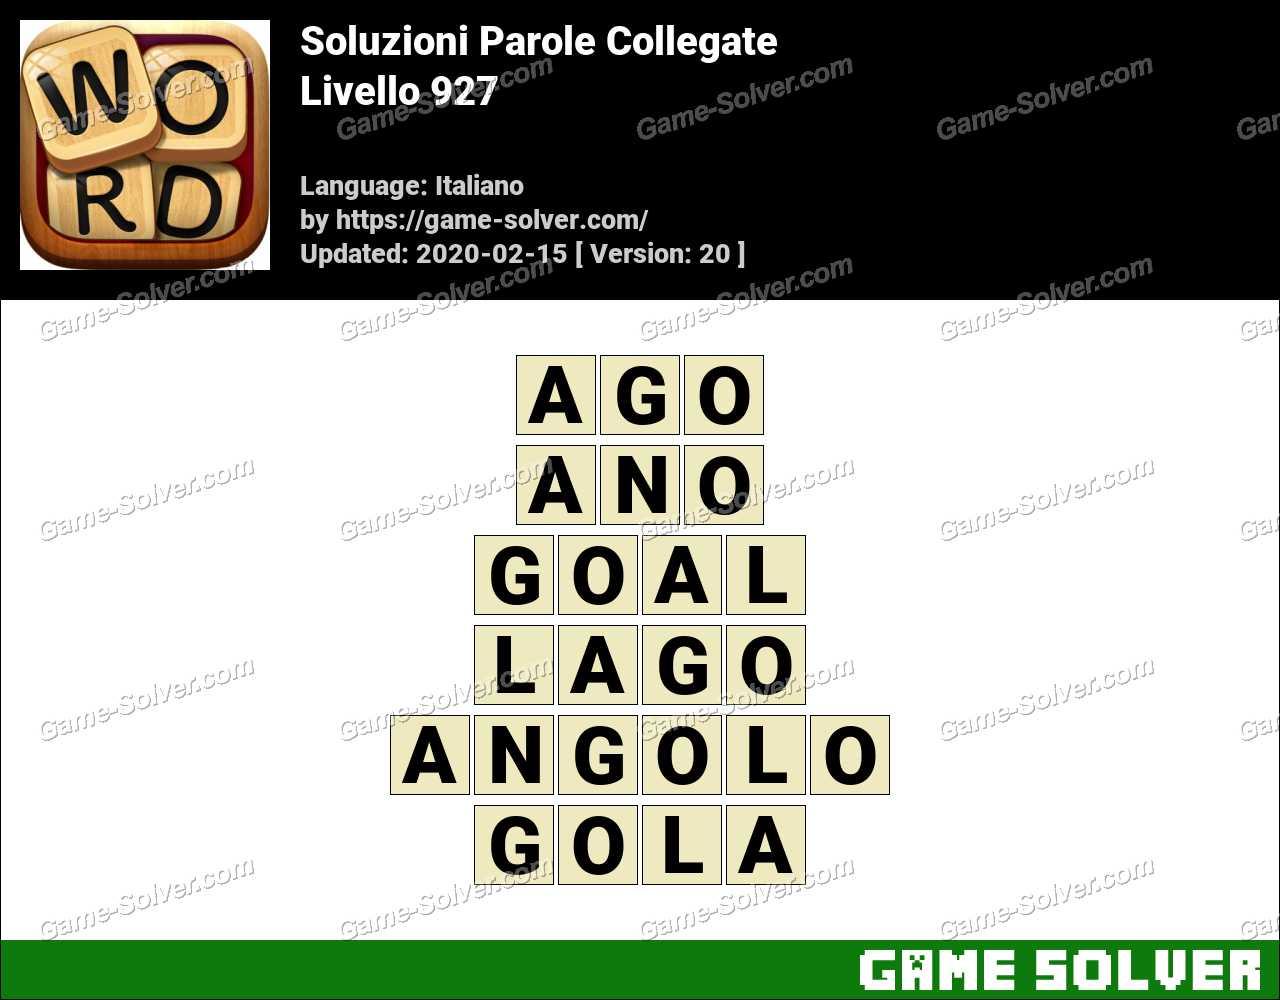 Soluzioni Parole Collegate Livello 927